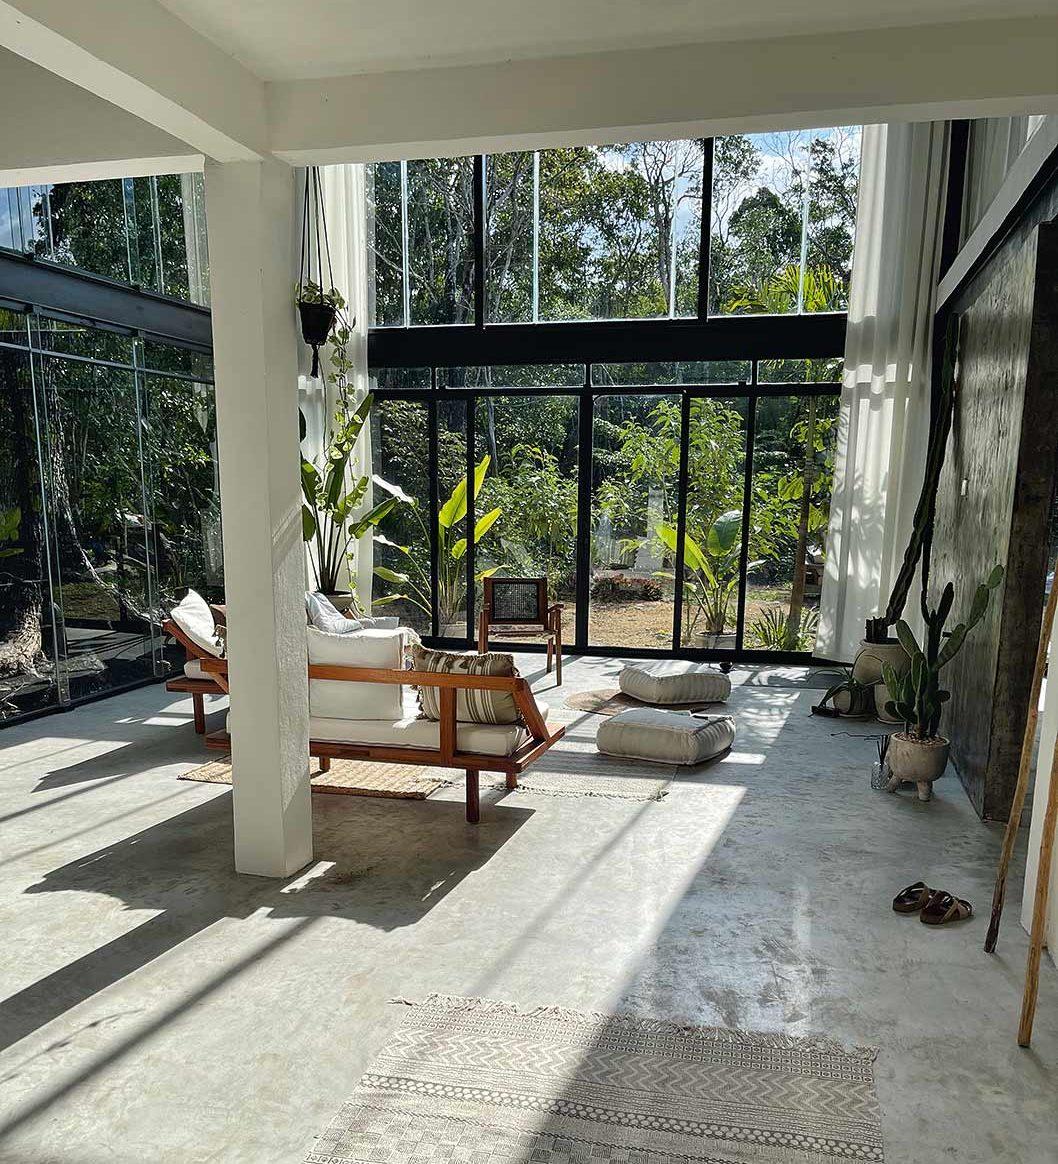 Innenansicht vom autarken Haus von Marisol Prada